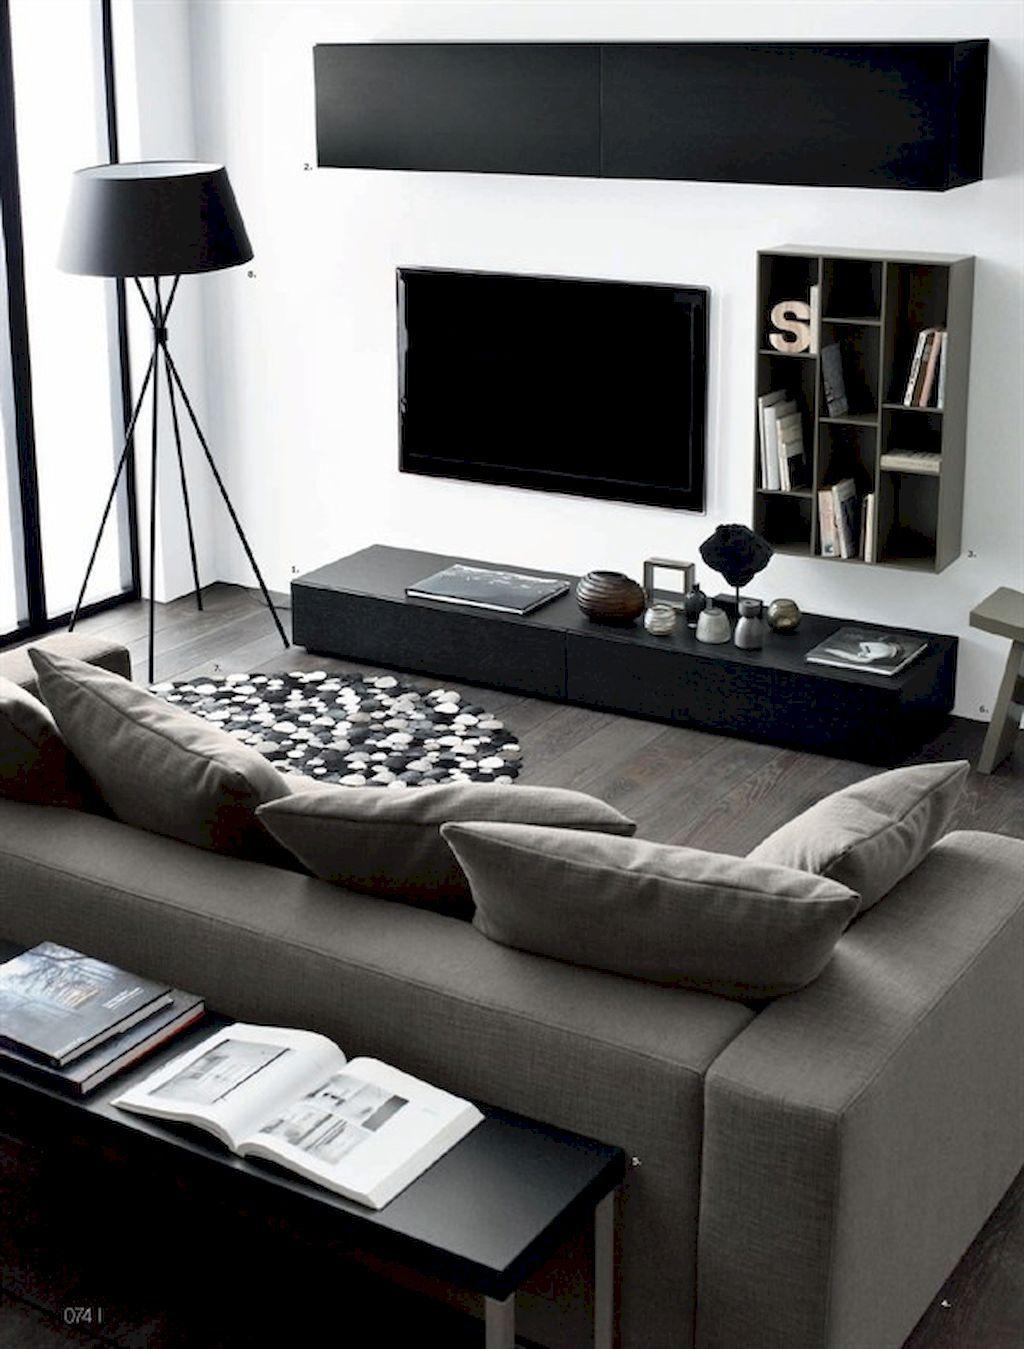 amazing living room ideas decor architectureudesign